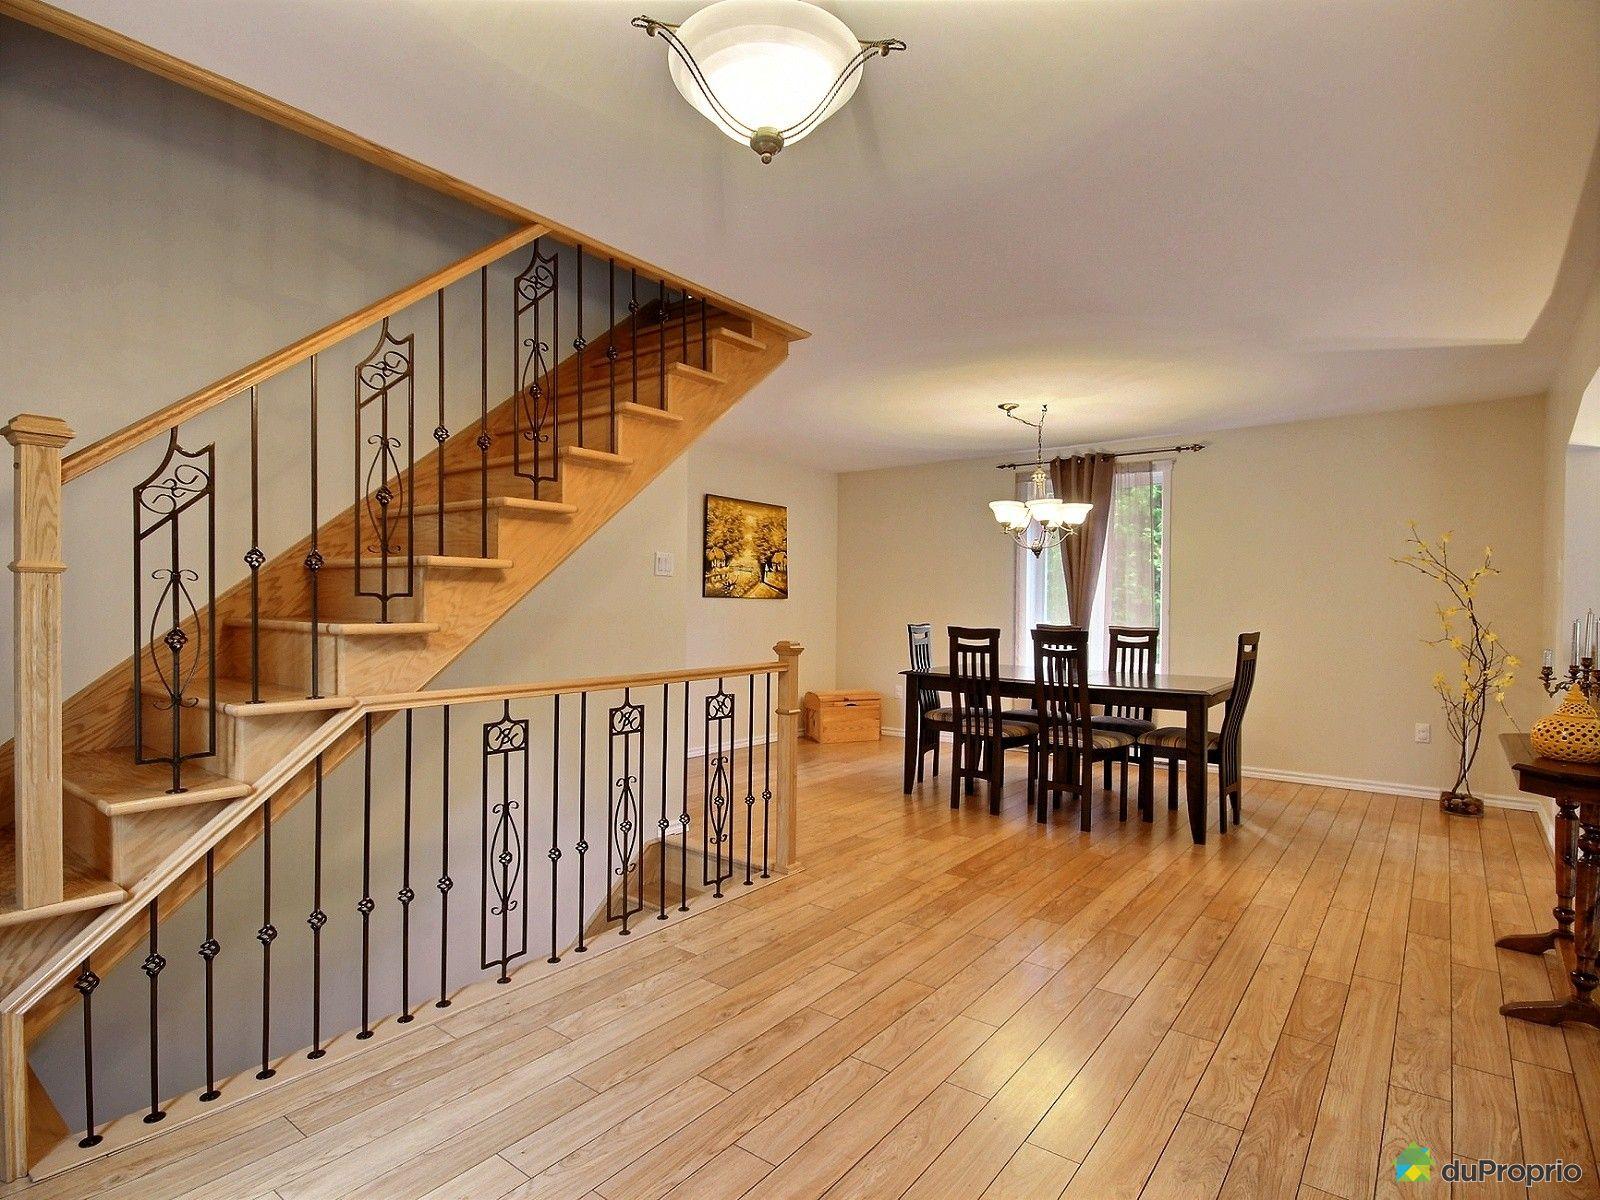 Maison vendre st honore de chicoutimi 431 rue des bains immobilier qu bec duproprio 634024 - Maison saint honore marseille ...